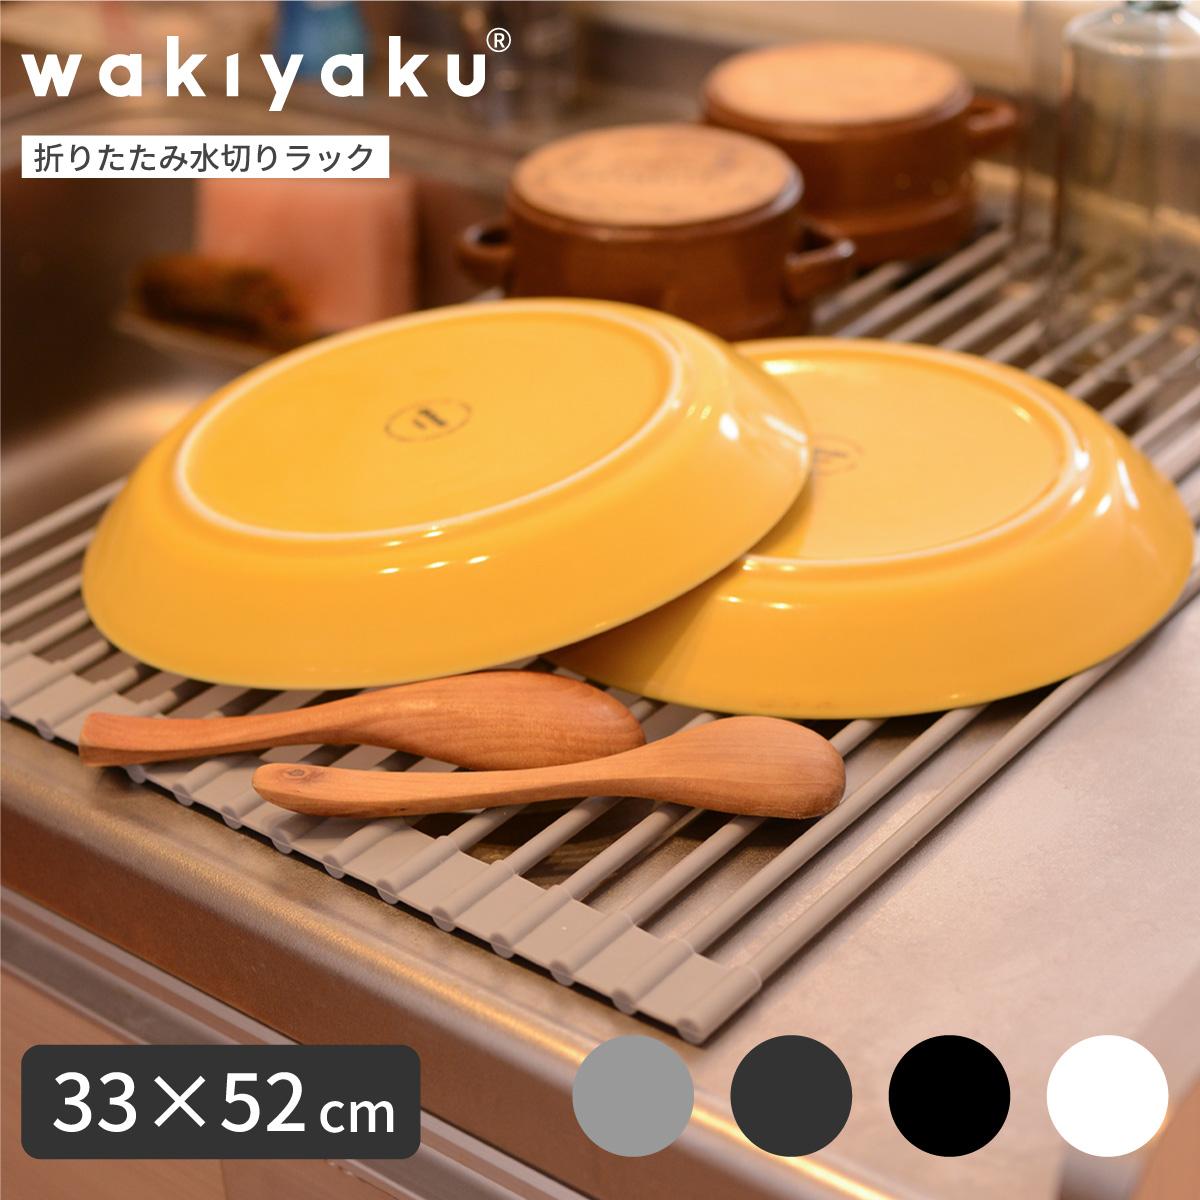 wakiyaku R 水切りかご 水切りラック シンク上 折りたたみ シリコン シンク上水切りラック ステンレス 洗い物かご 購入 かわいい おしゃれ シンプル グレー 水切りトレー 収納 コンパクト ブラック ホワイト宅配便送料無料 秀逸